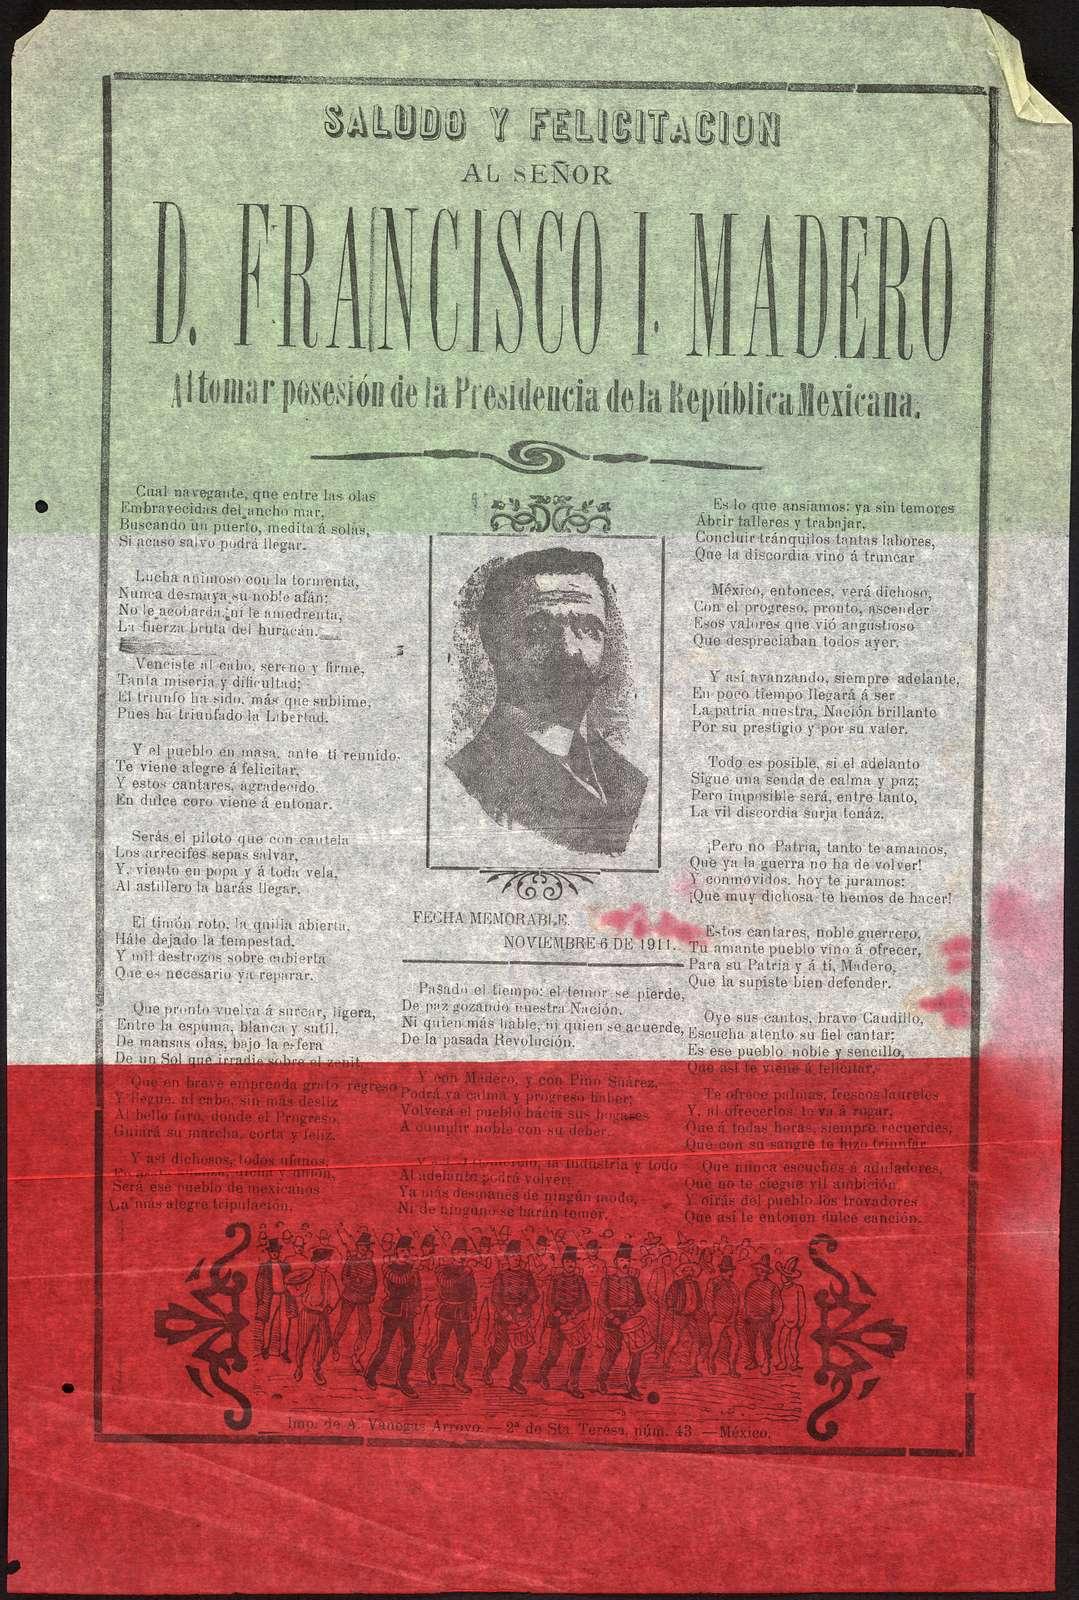 Saludo y felicitación al Señor D. Francisco I. Madero al tomar posesión de la presidencia de la República Mexicana